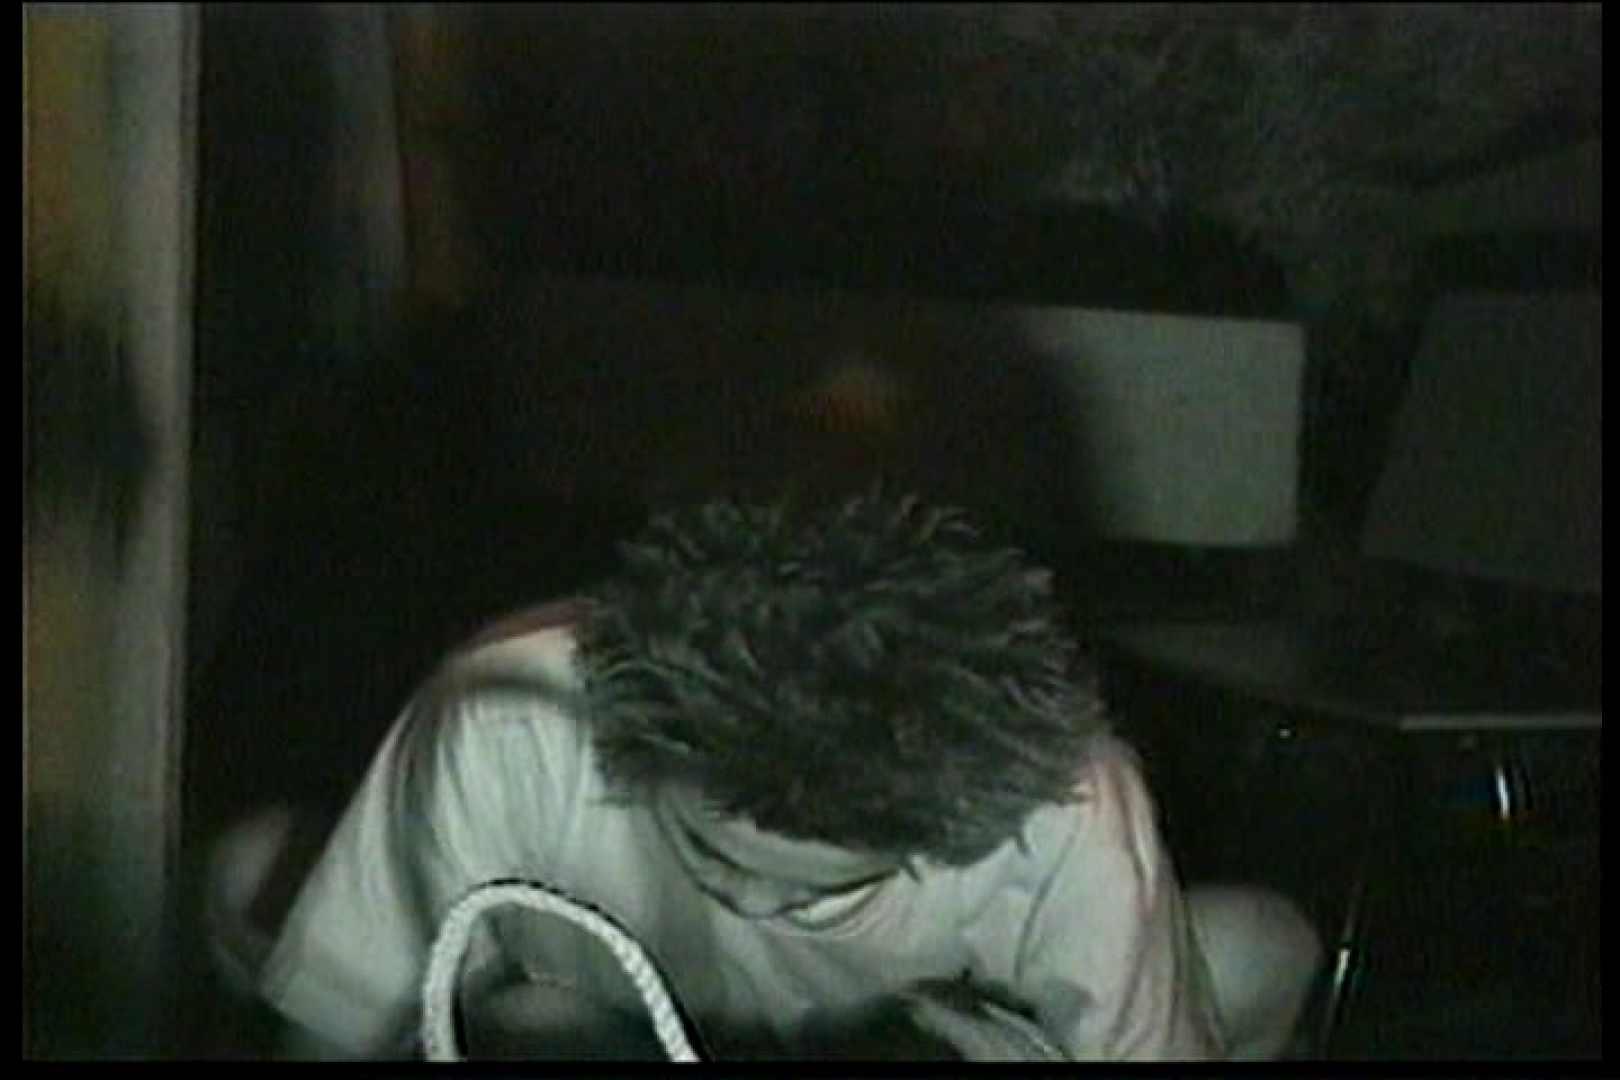 闇の仕掛け人 無修正版 Vol.16 カップルのセックス のぞき動画画像 78PIX 14